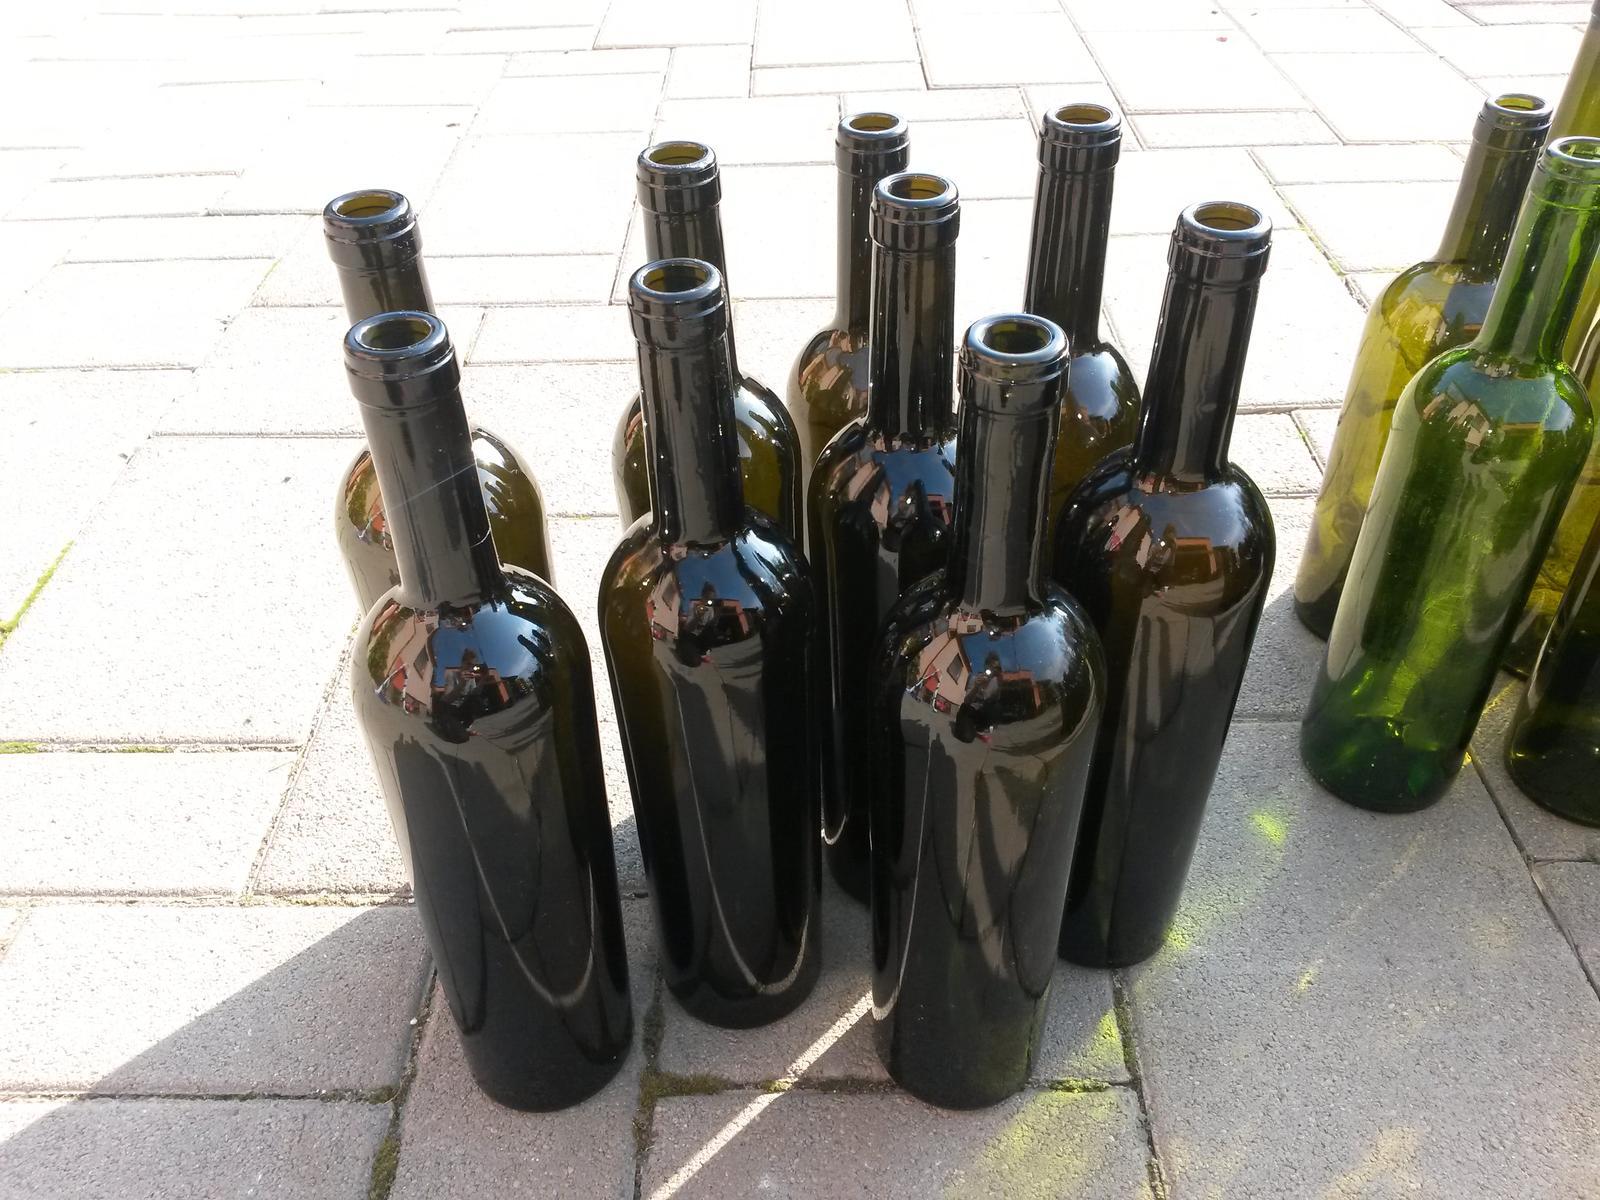 Fľaše sklenené - Obrázok č. 3